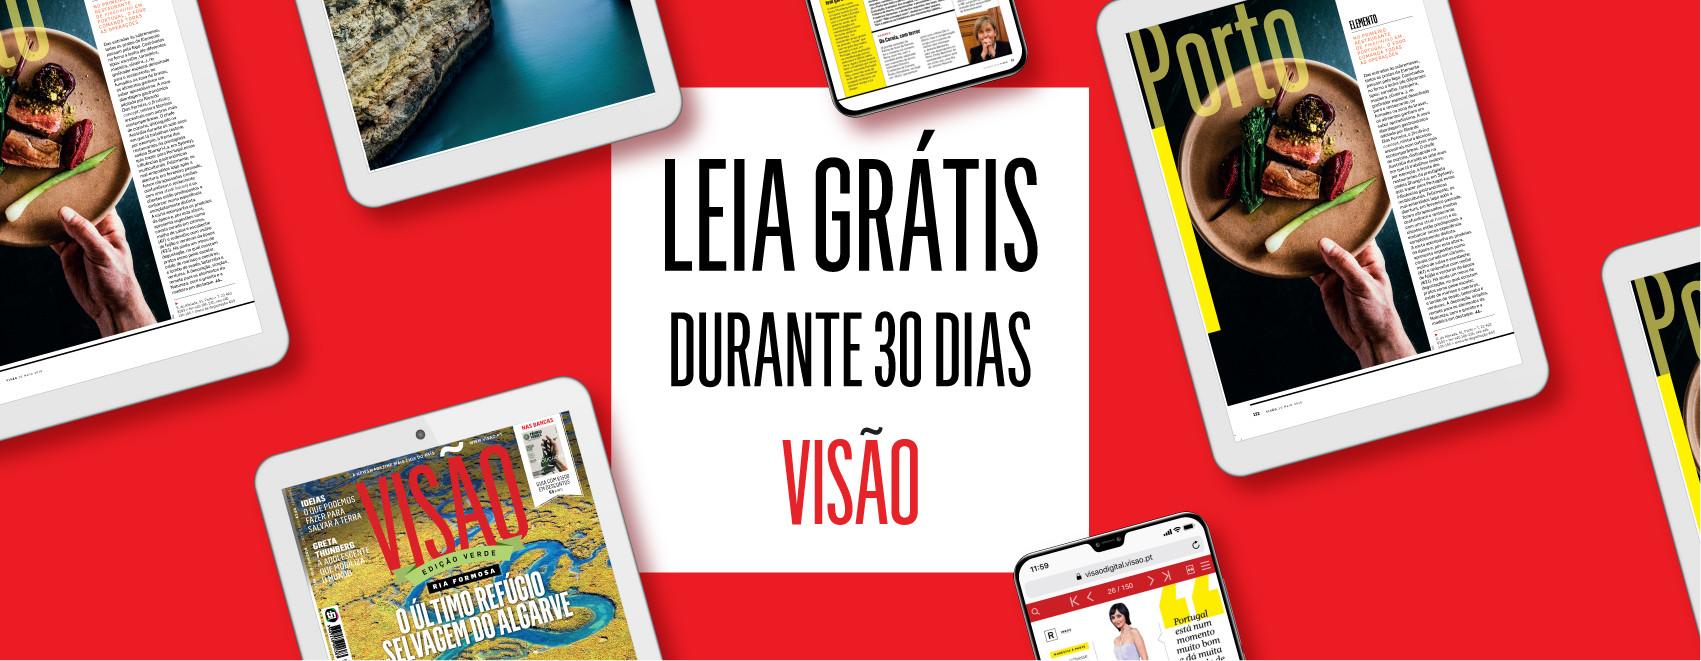 visao_Cover_FB.jpg